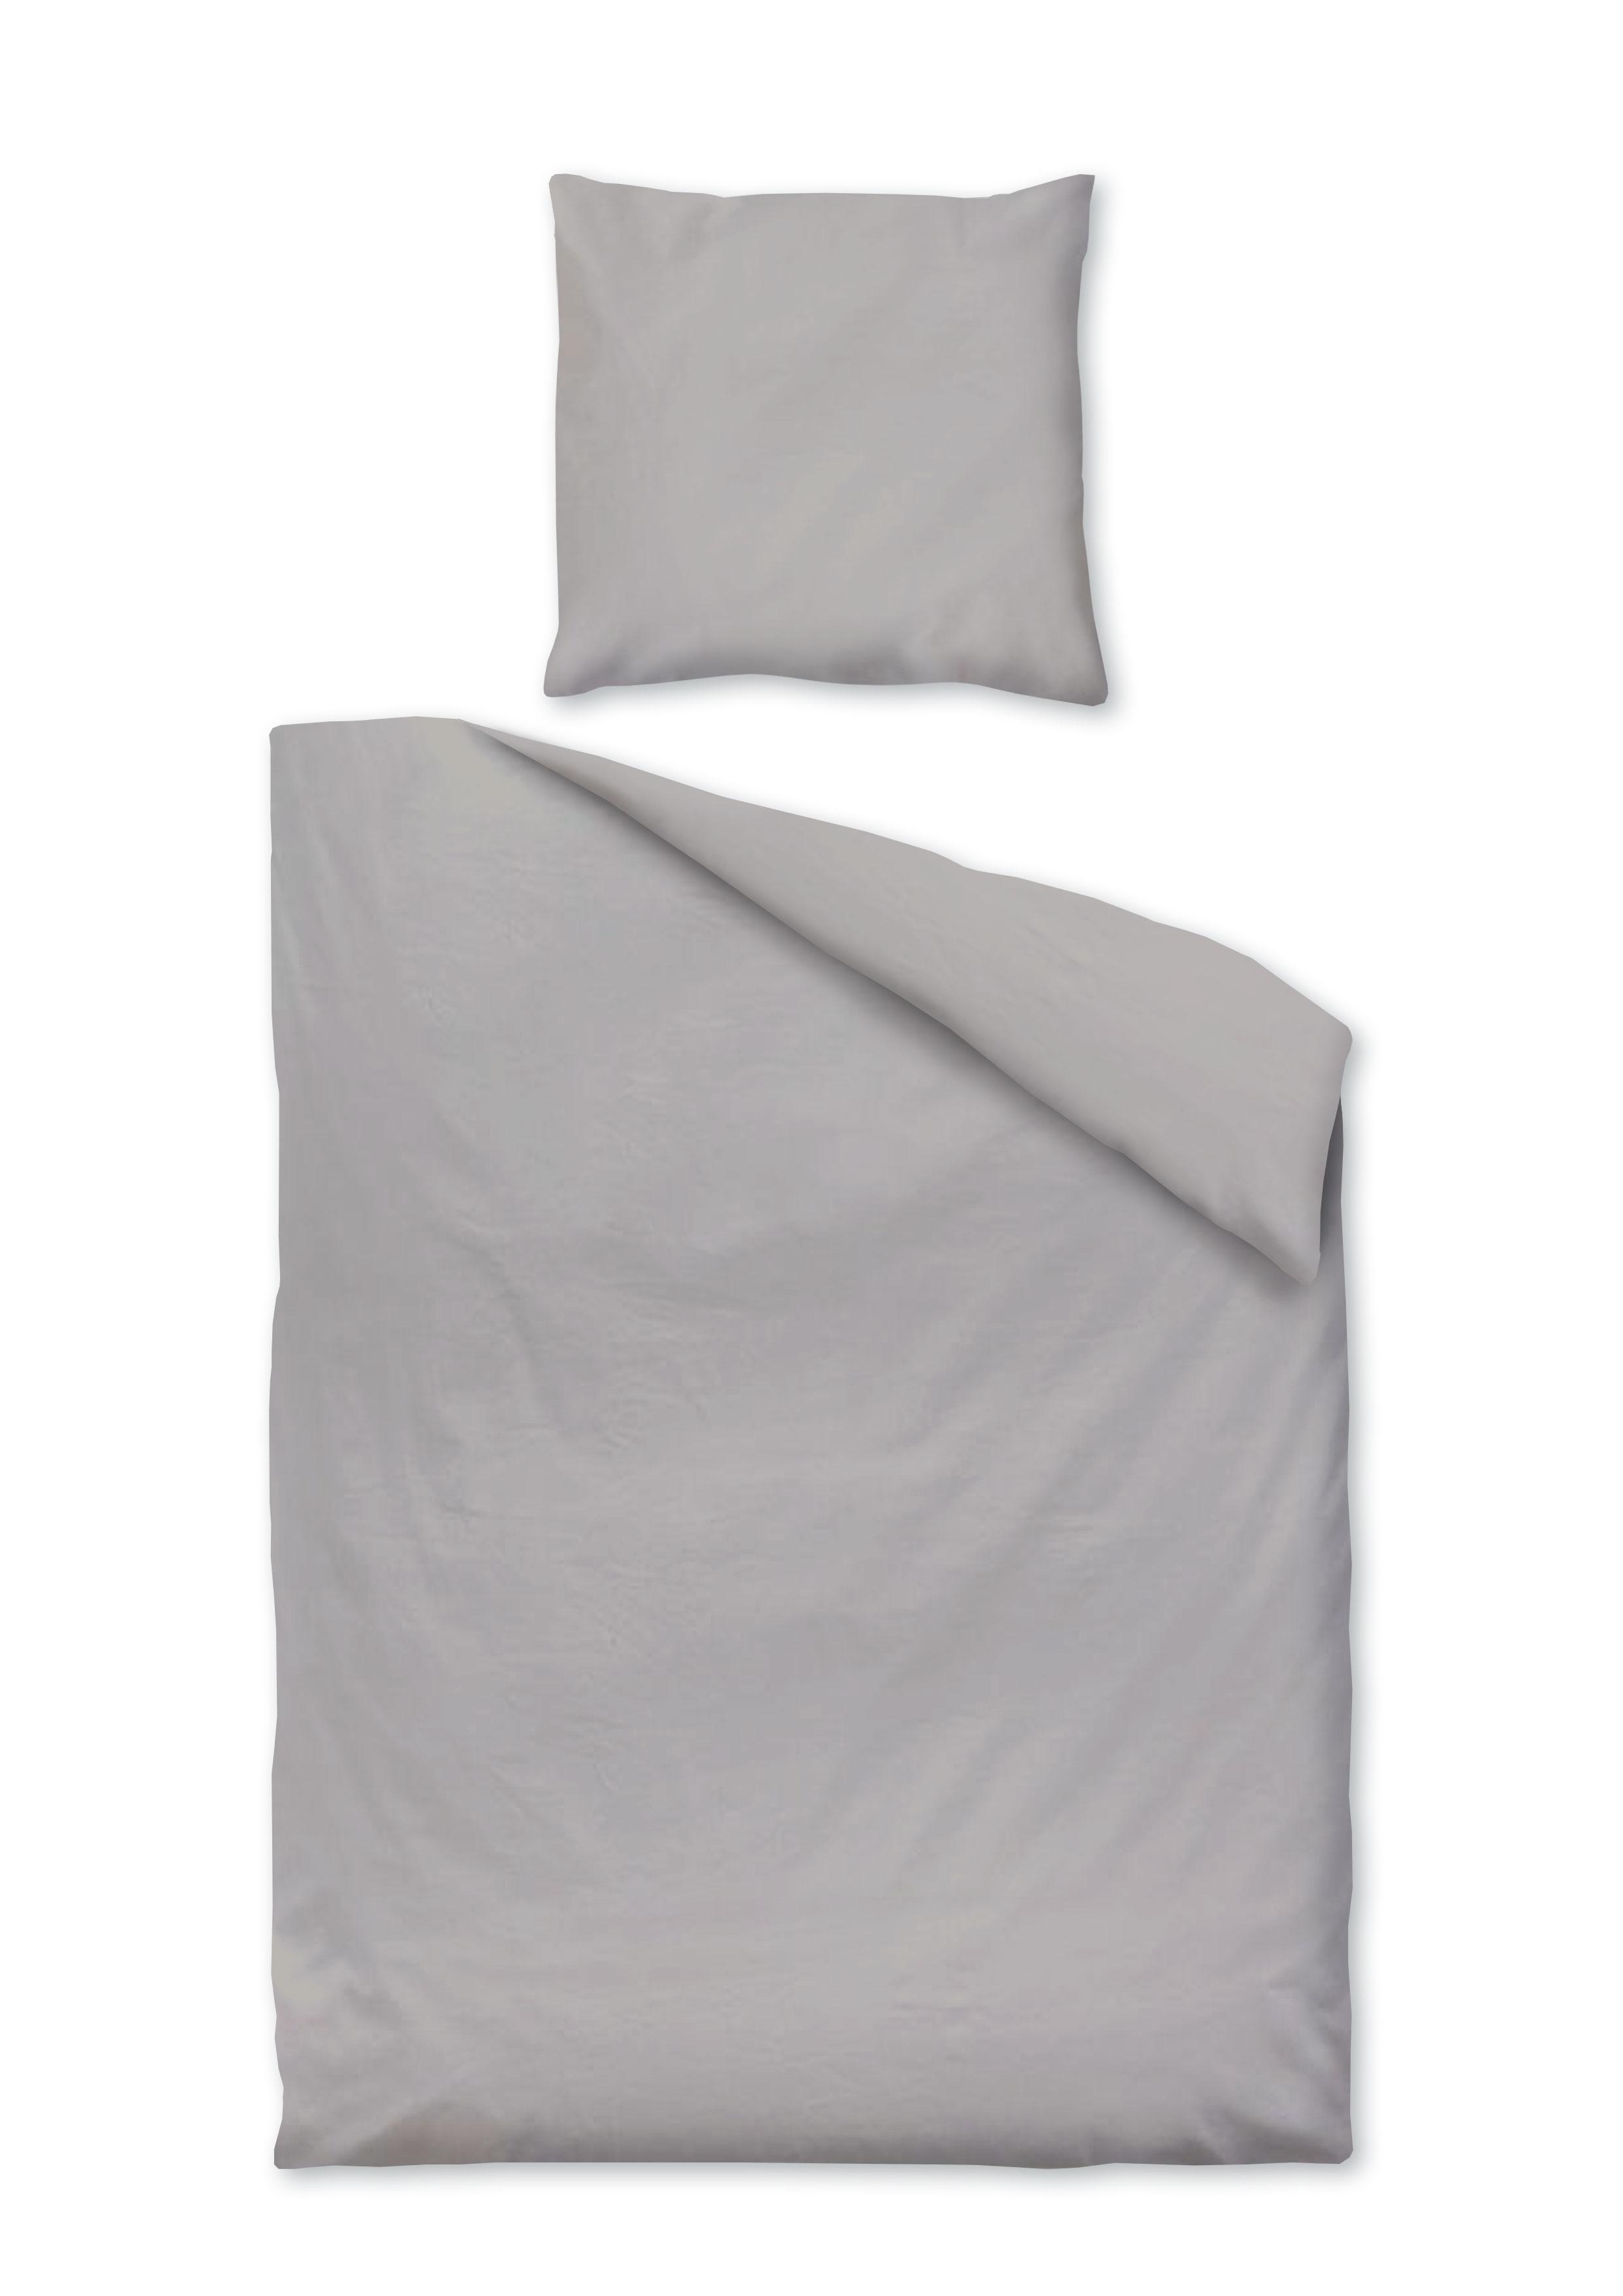 Bettwäsche 135x200cm 4 tlg Bettgarnitur Bettwaren Reißverschluss Mikrofaser Surf